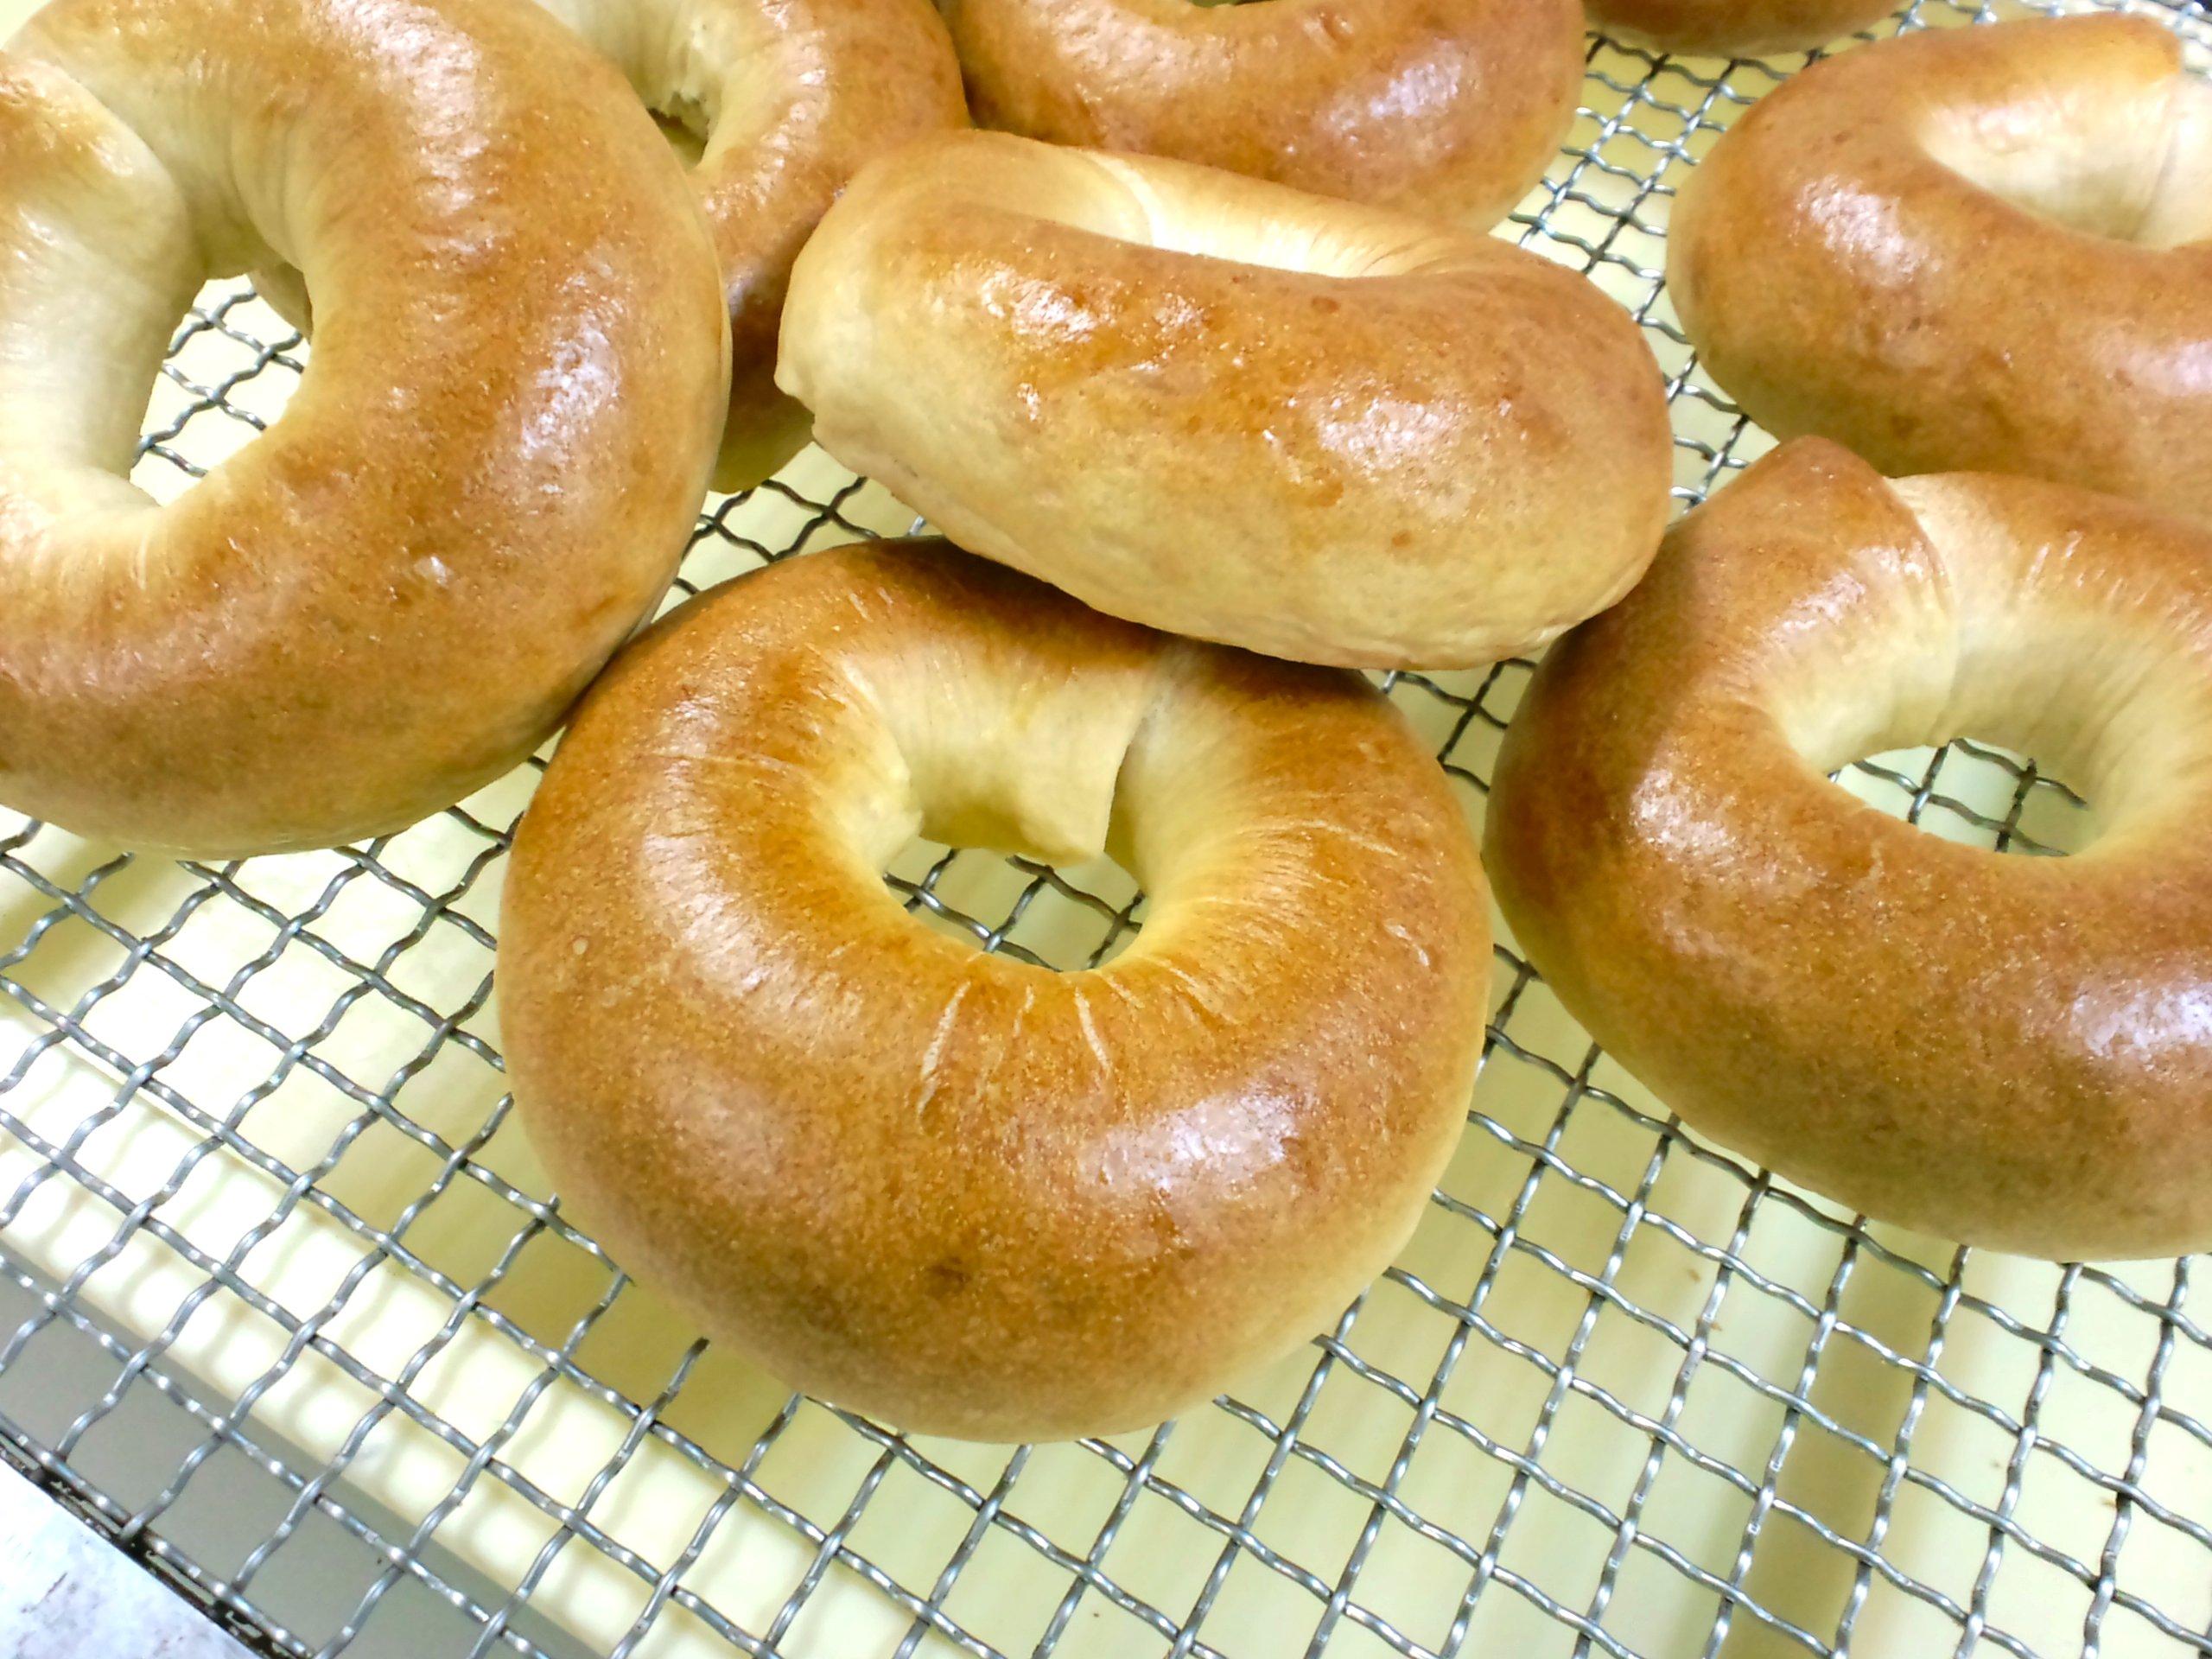 http://www.spelt-recipe.jp/recipe/%E3%82%B9%E3%83%9A%E3%83%AB%E3%83%88%E3%83%99%E3%83%BC%E3%82%B0%E3%83%AB1.jpg